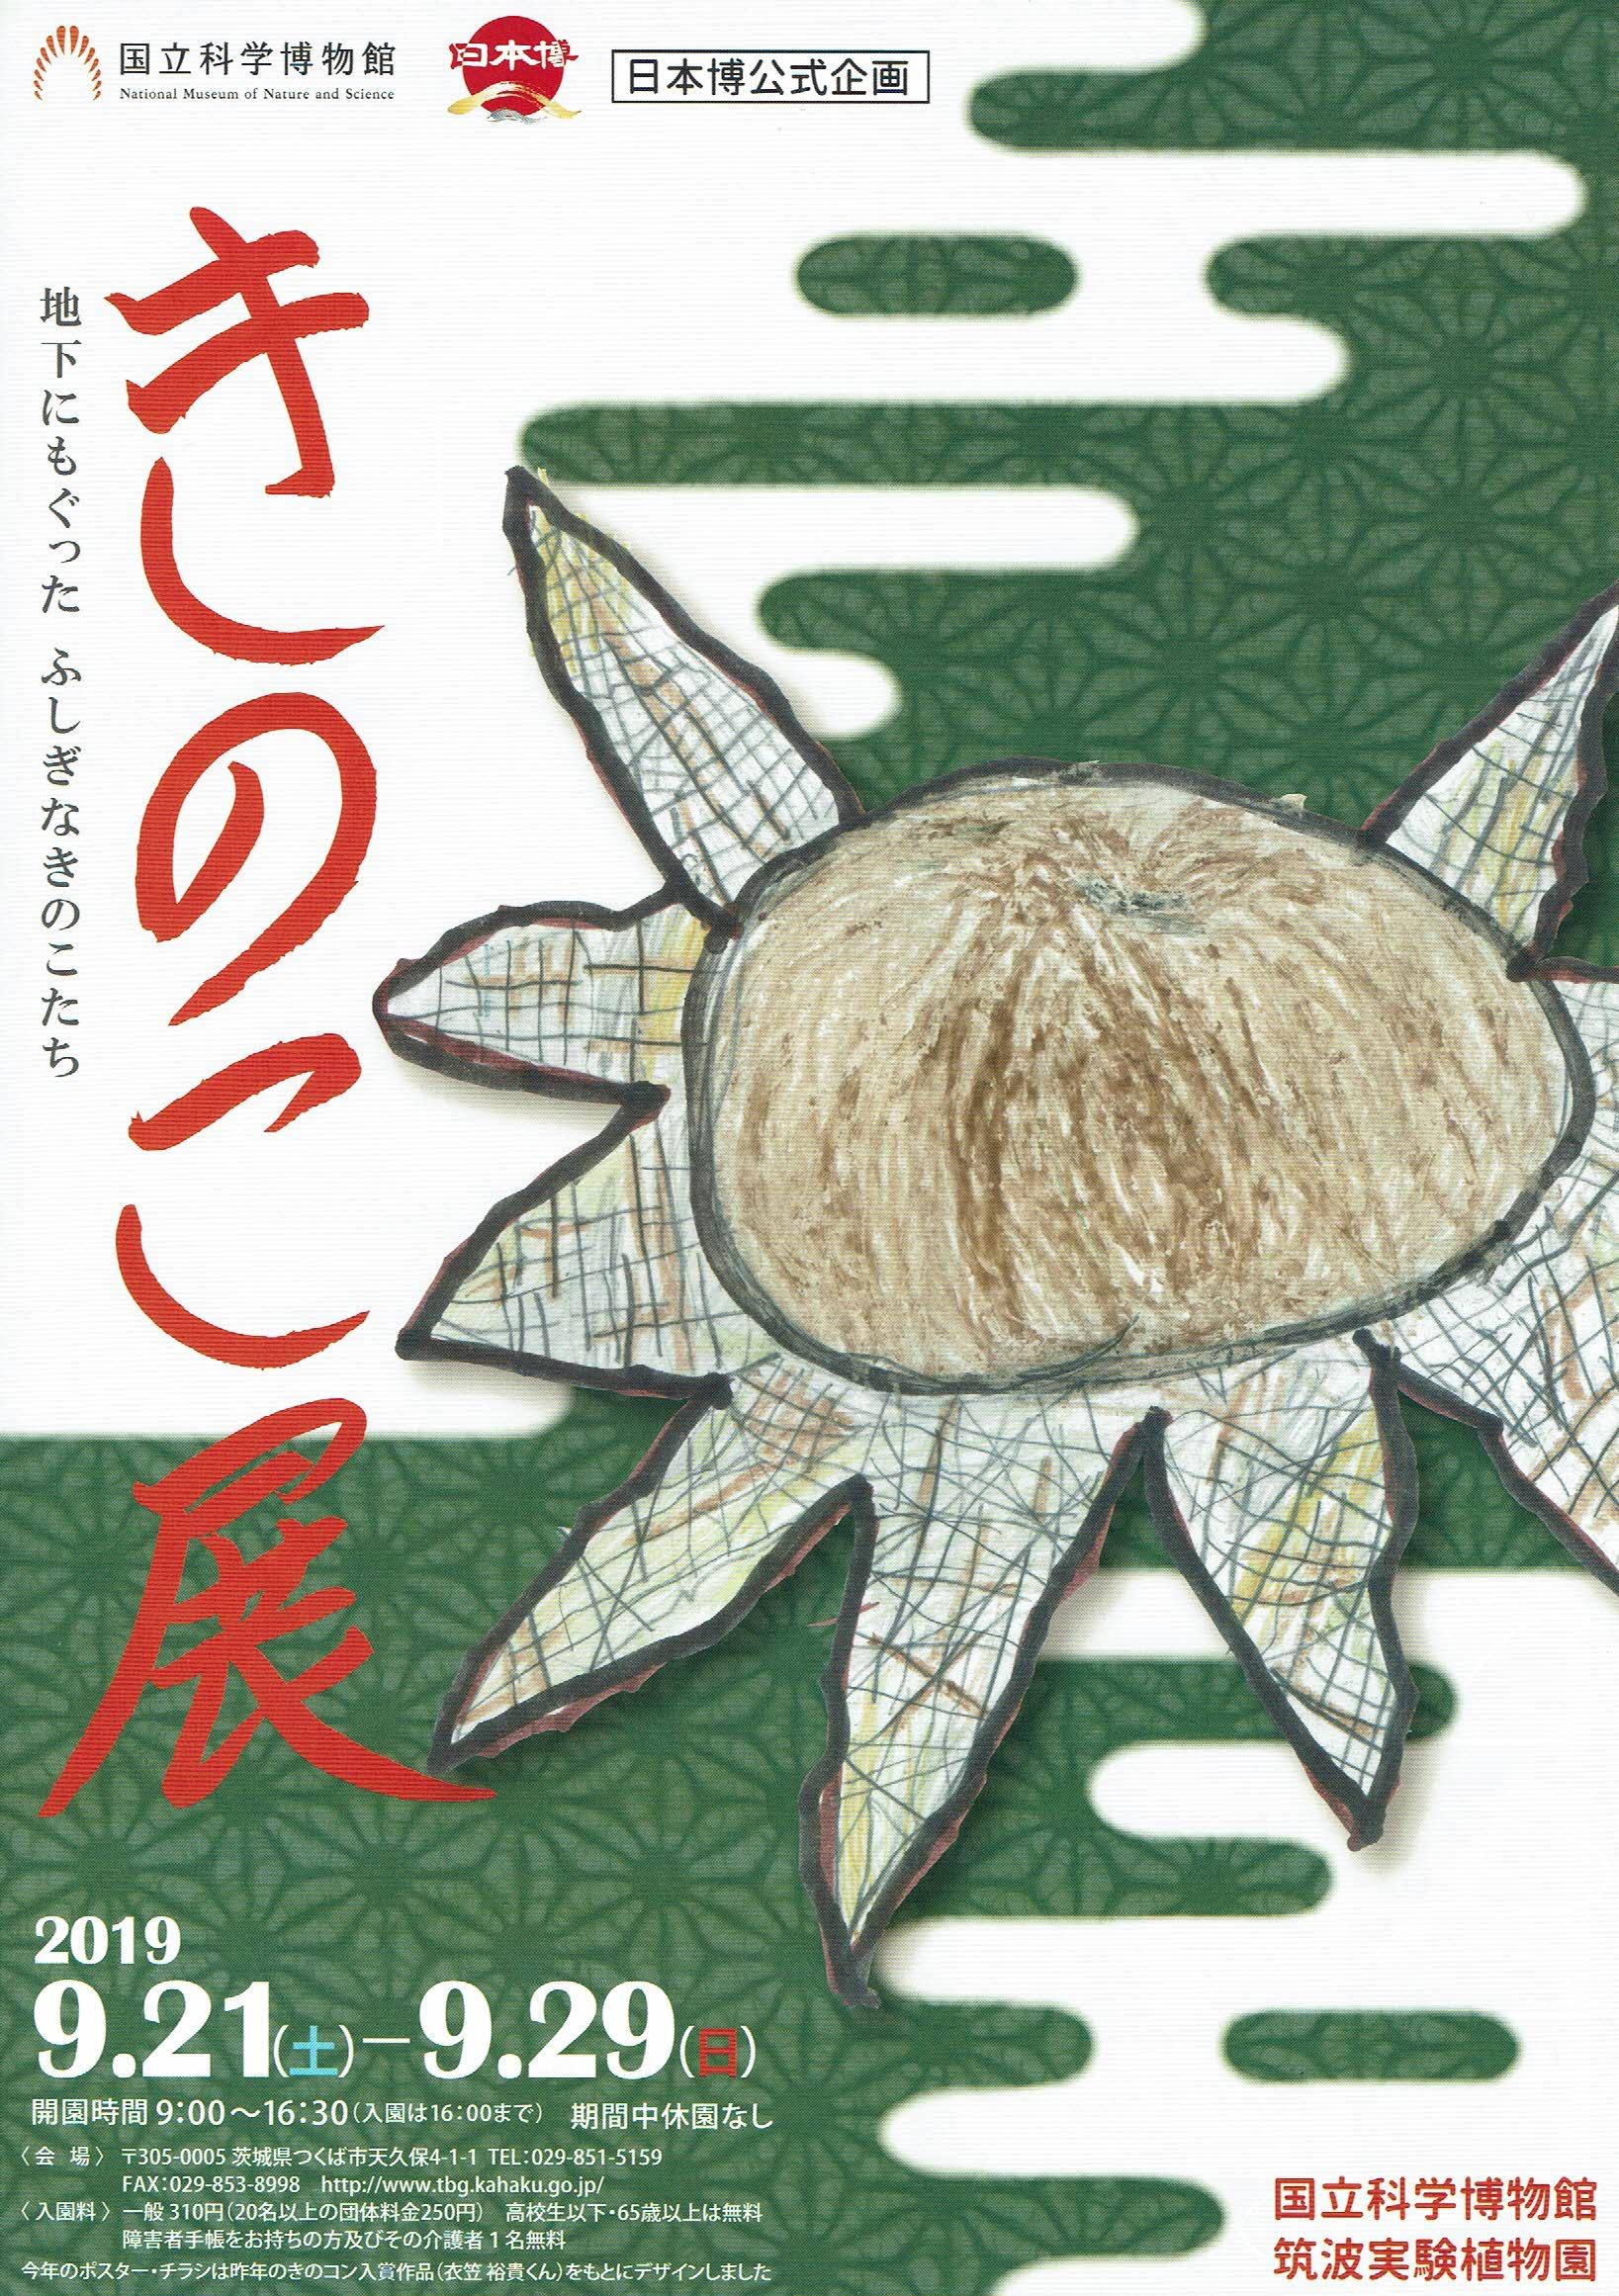 きのこ展 @ 国立科学博物館 筑波実験植物園 | つくば市 | 茨城県 | 日本